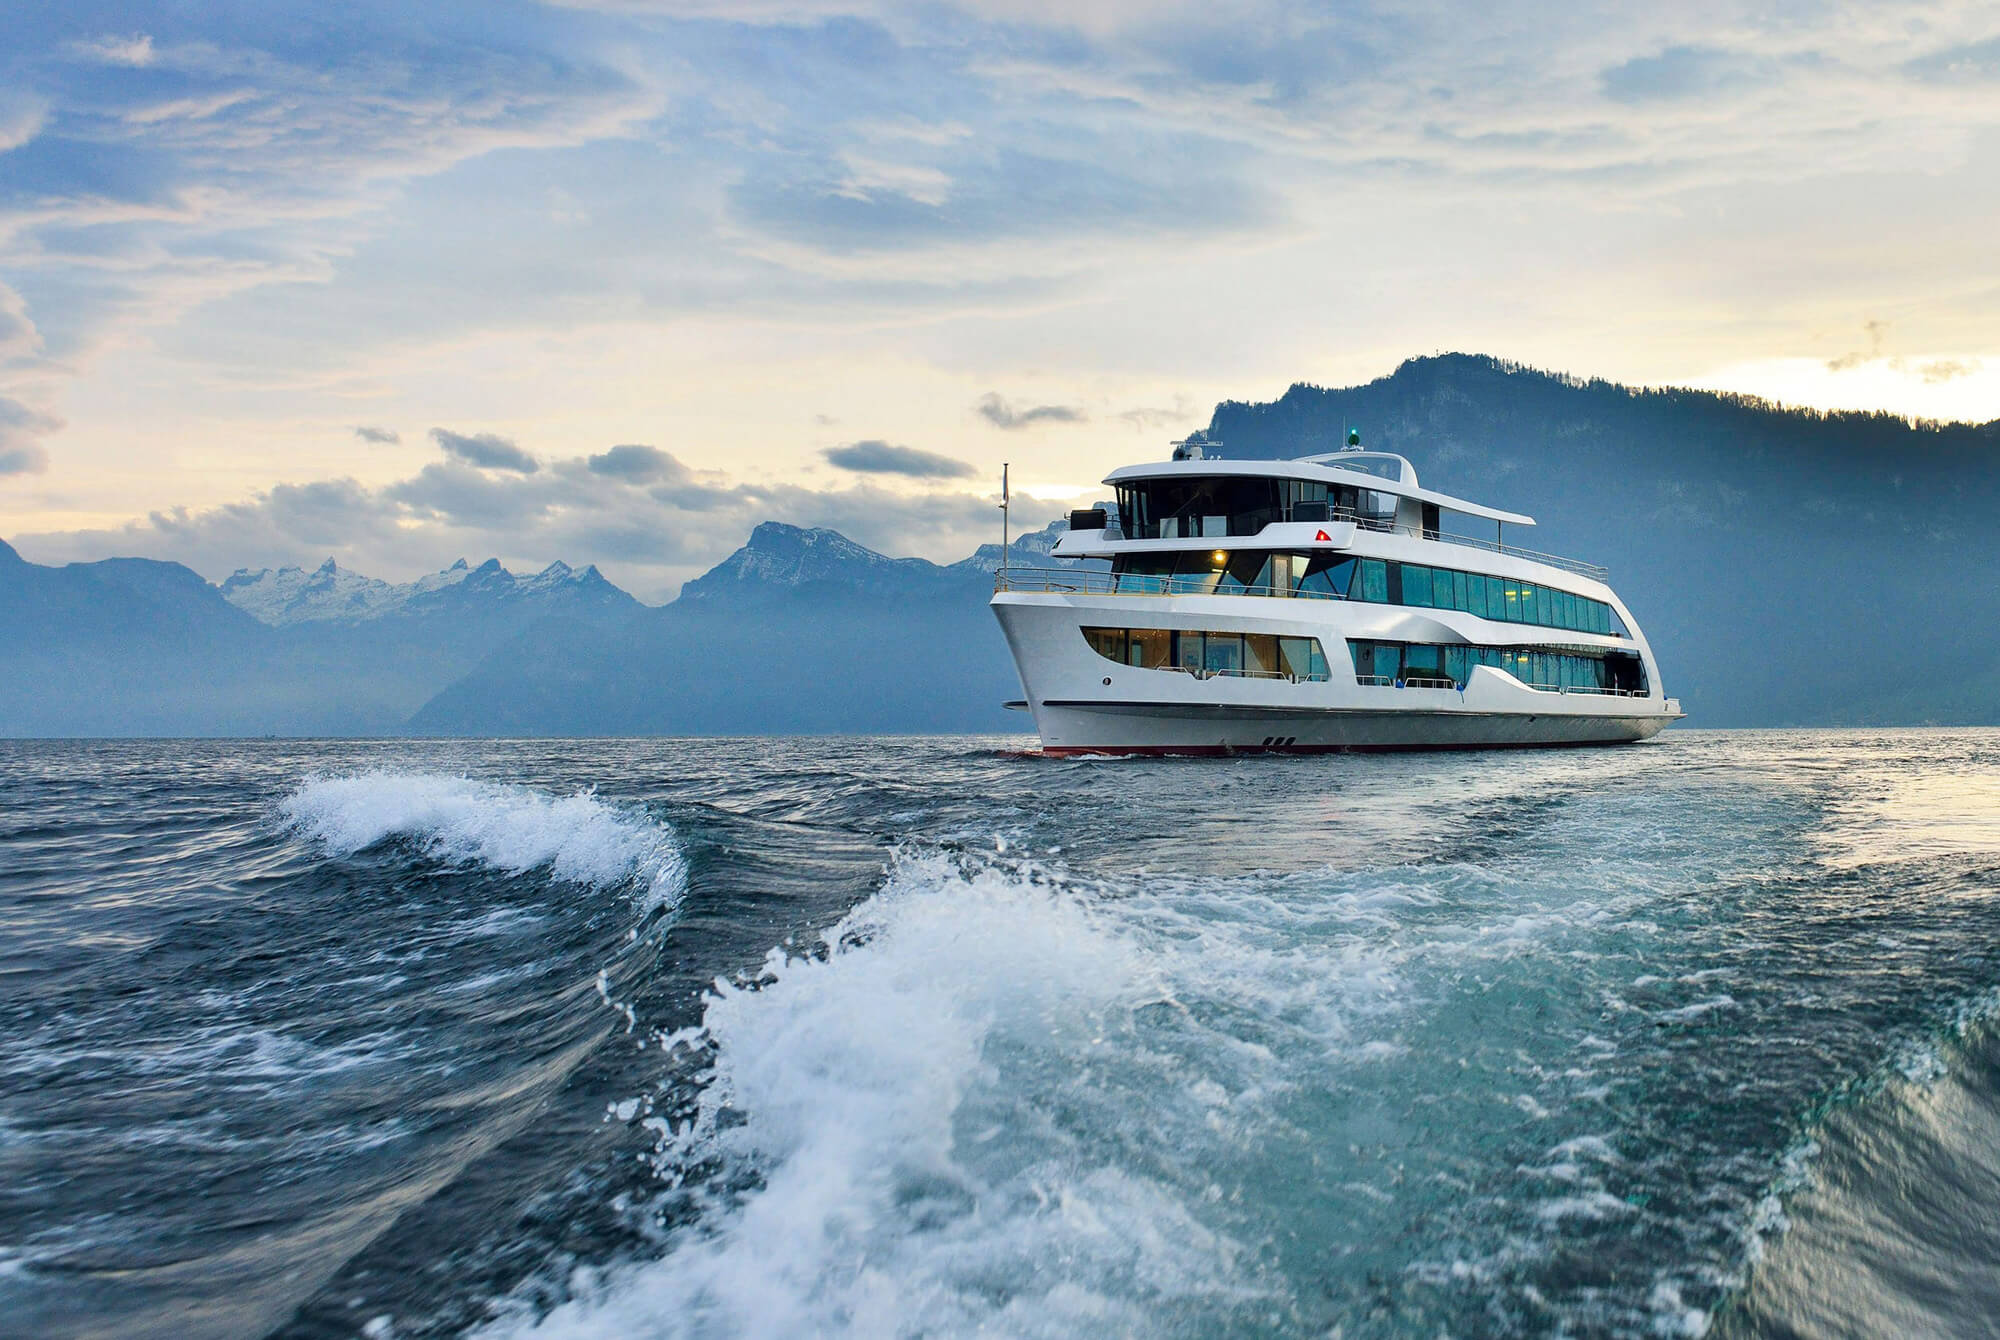 DuFLEX Paneele aus Europa als Standard für Boots- und Schiffbau